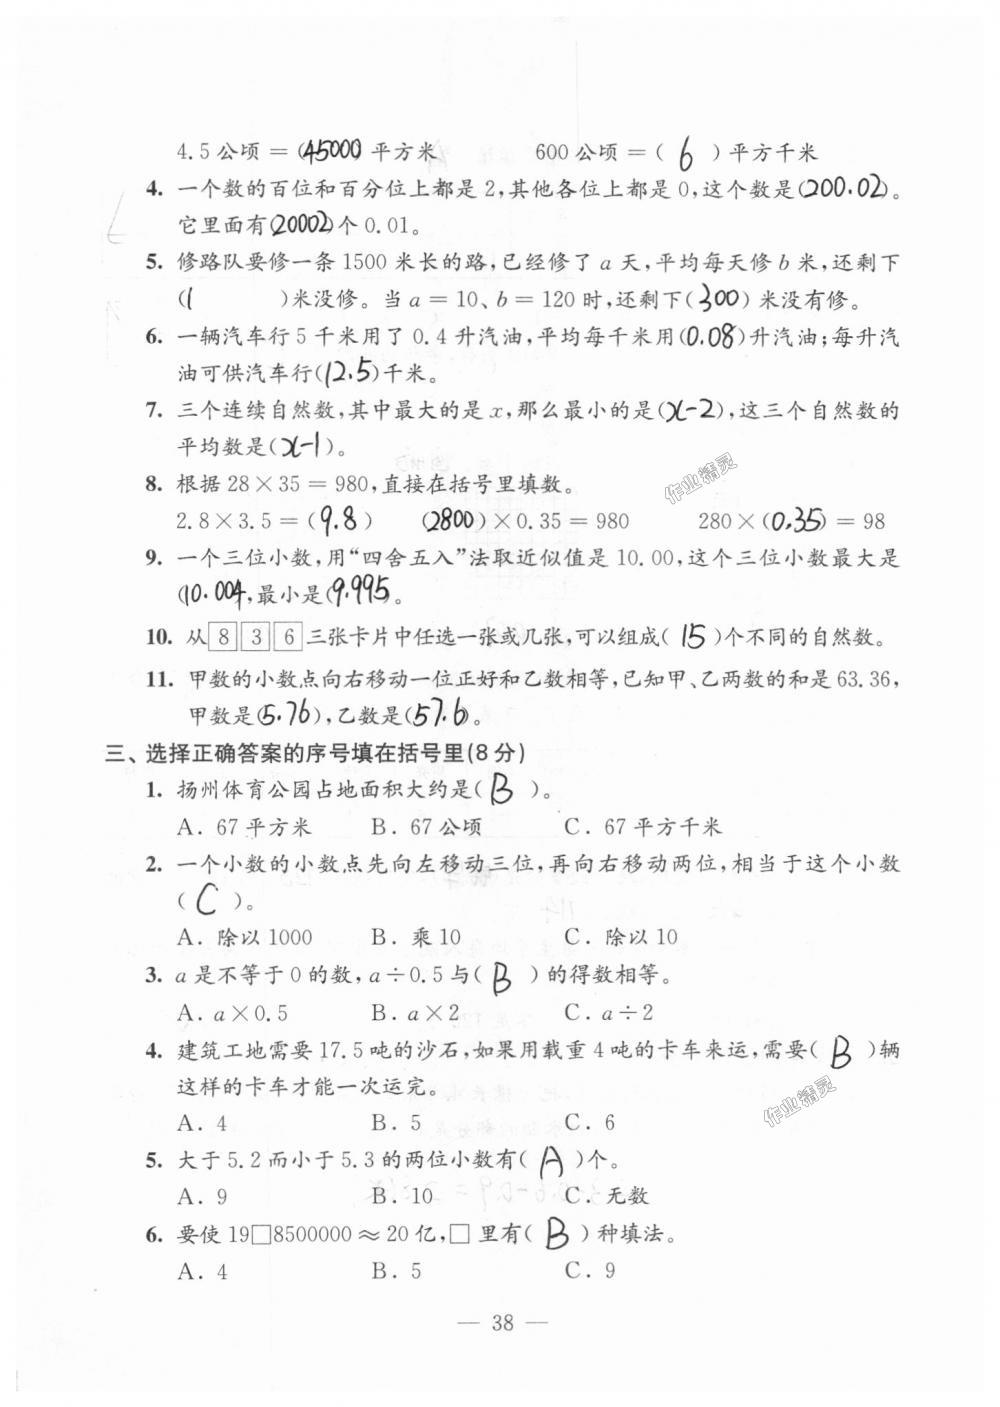 2018年练习与测试检测卷五年级数学上册苏教版第38页